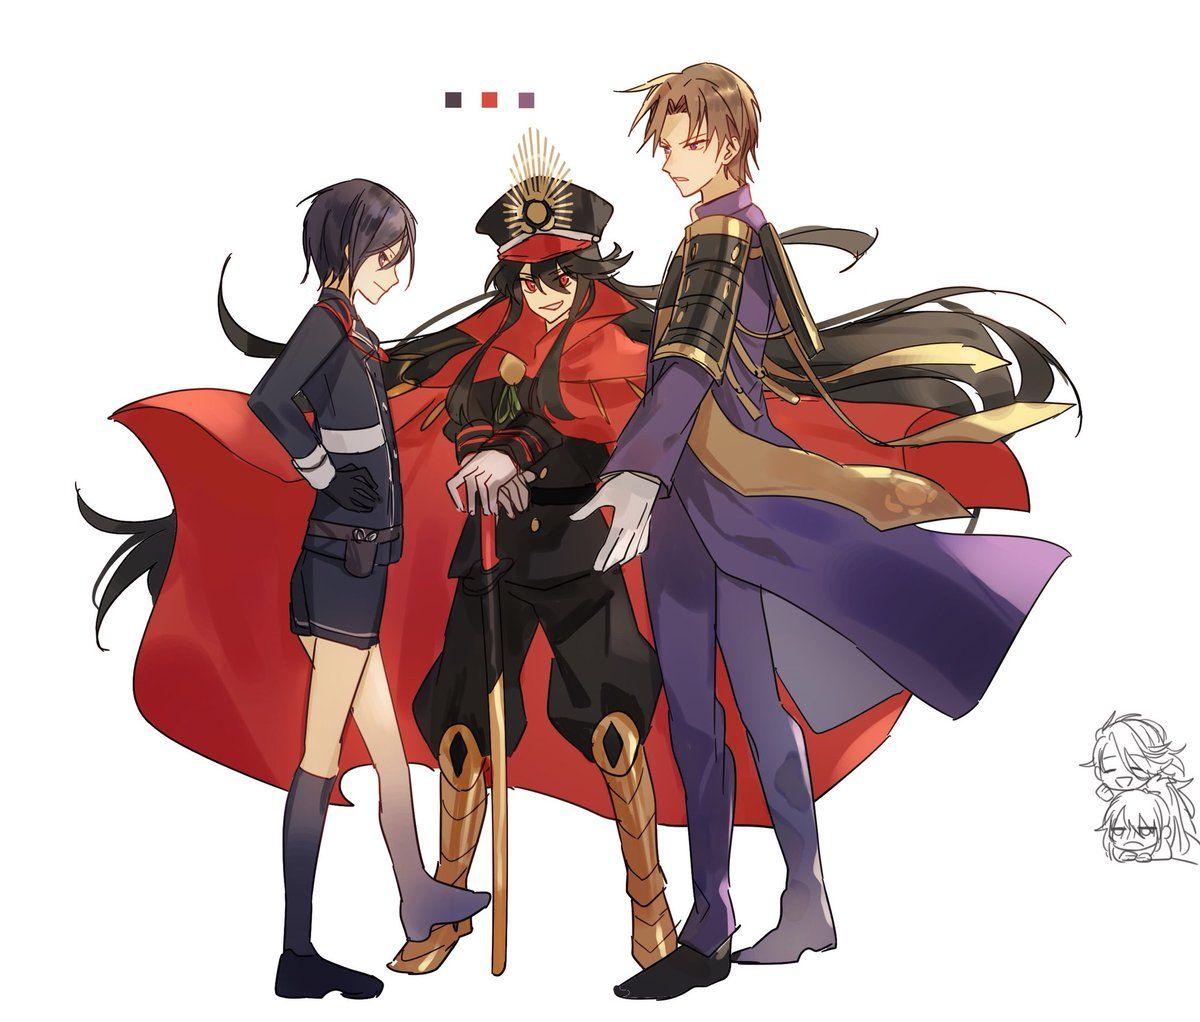 KANOSE(zhujichuzi) 님 트위터 (With images) Anime, Touken